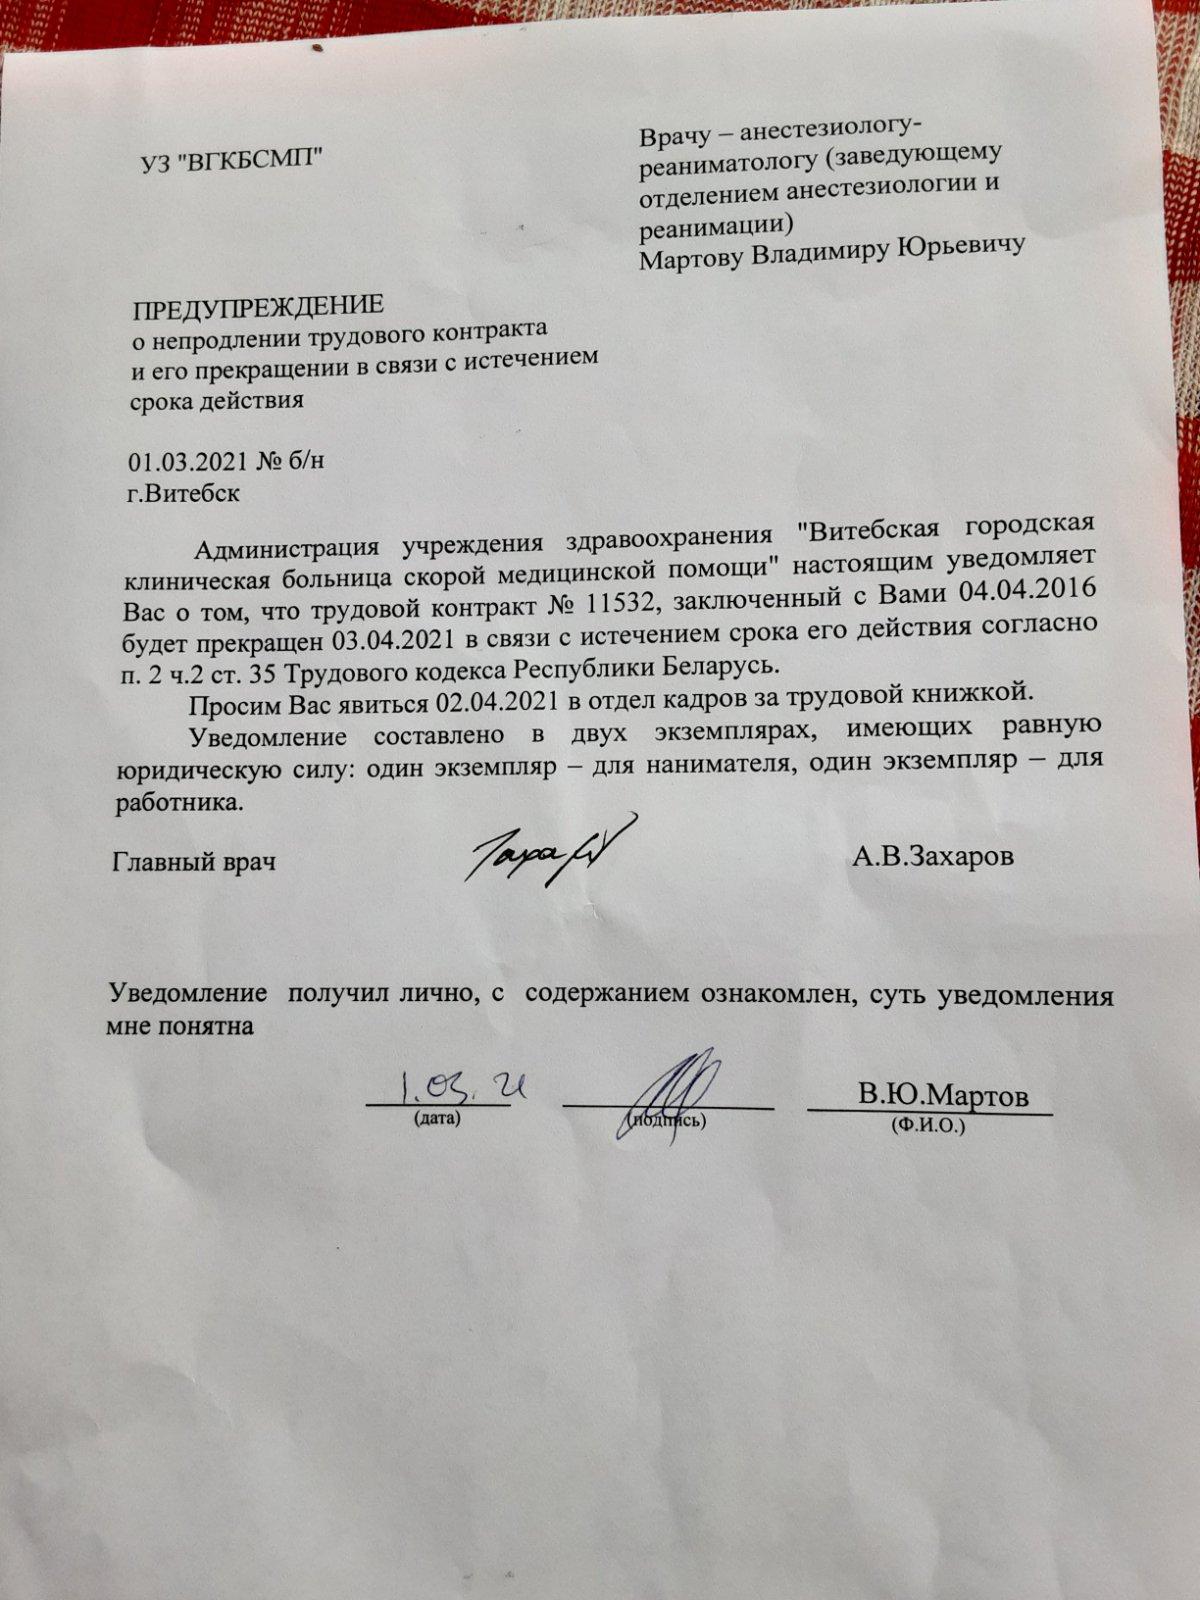 4 апреля Мартов будет уволен! Он первый честно говорил о коронавирусе и критиковал власть